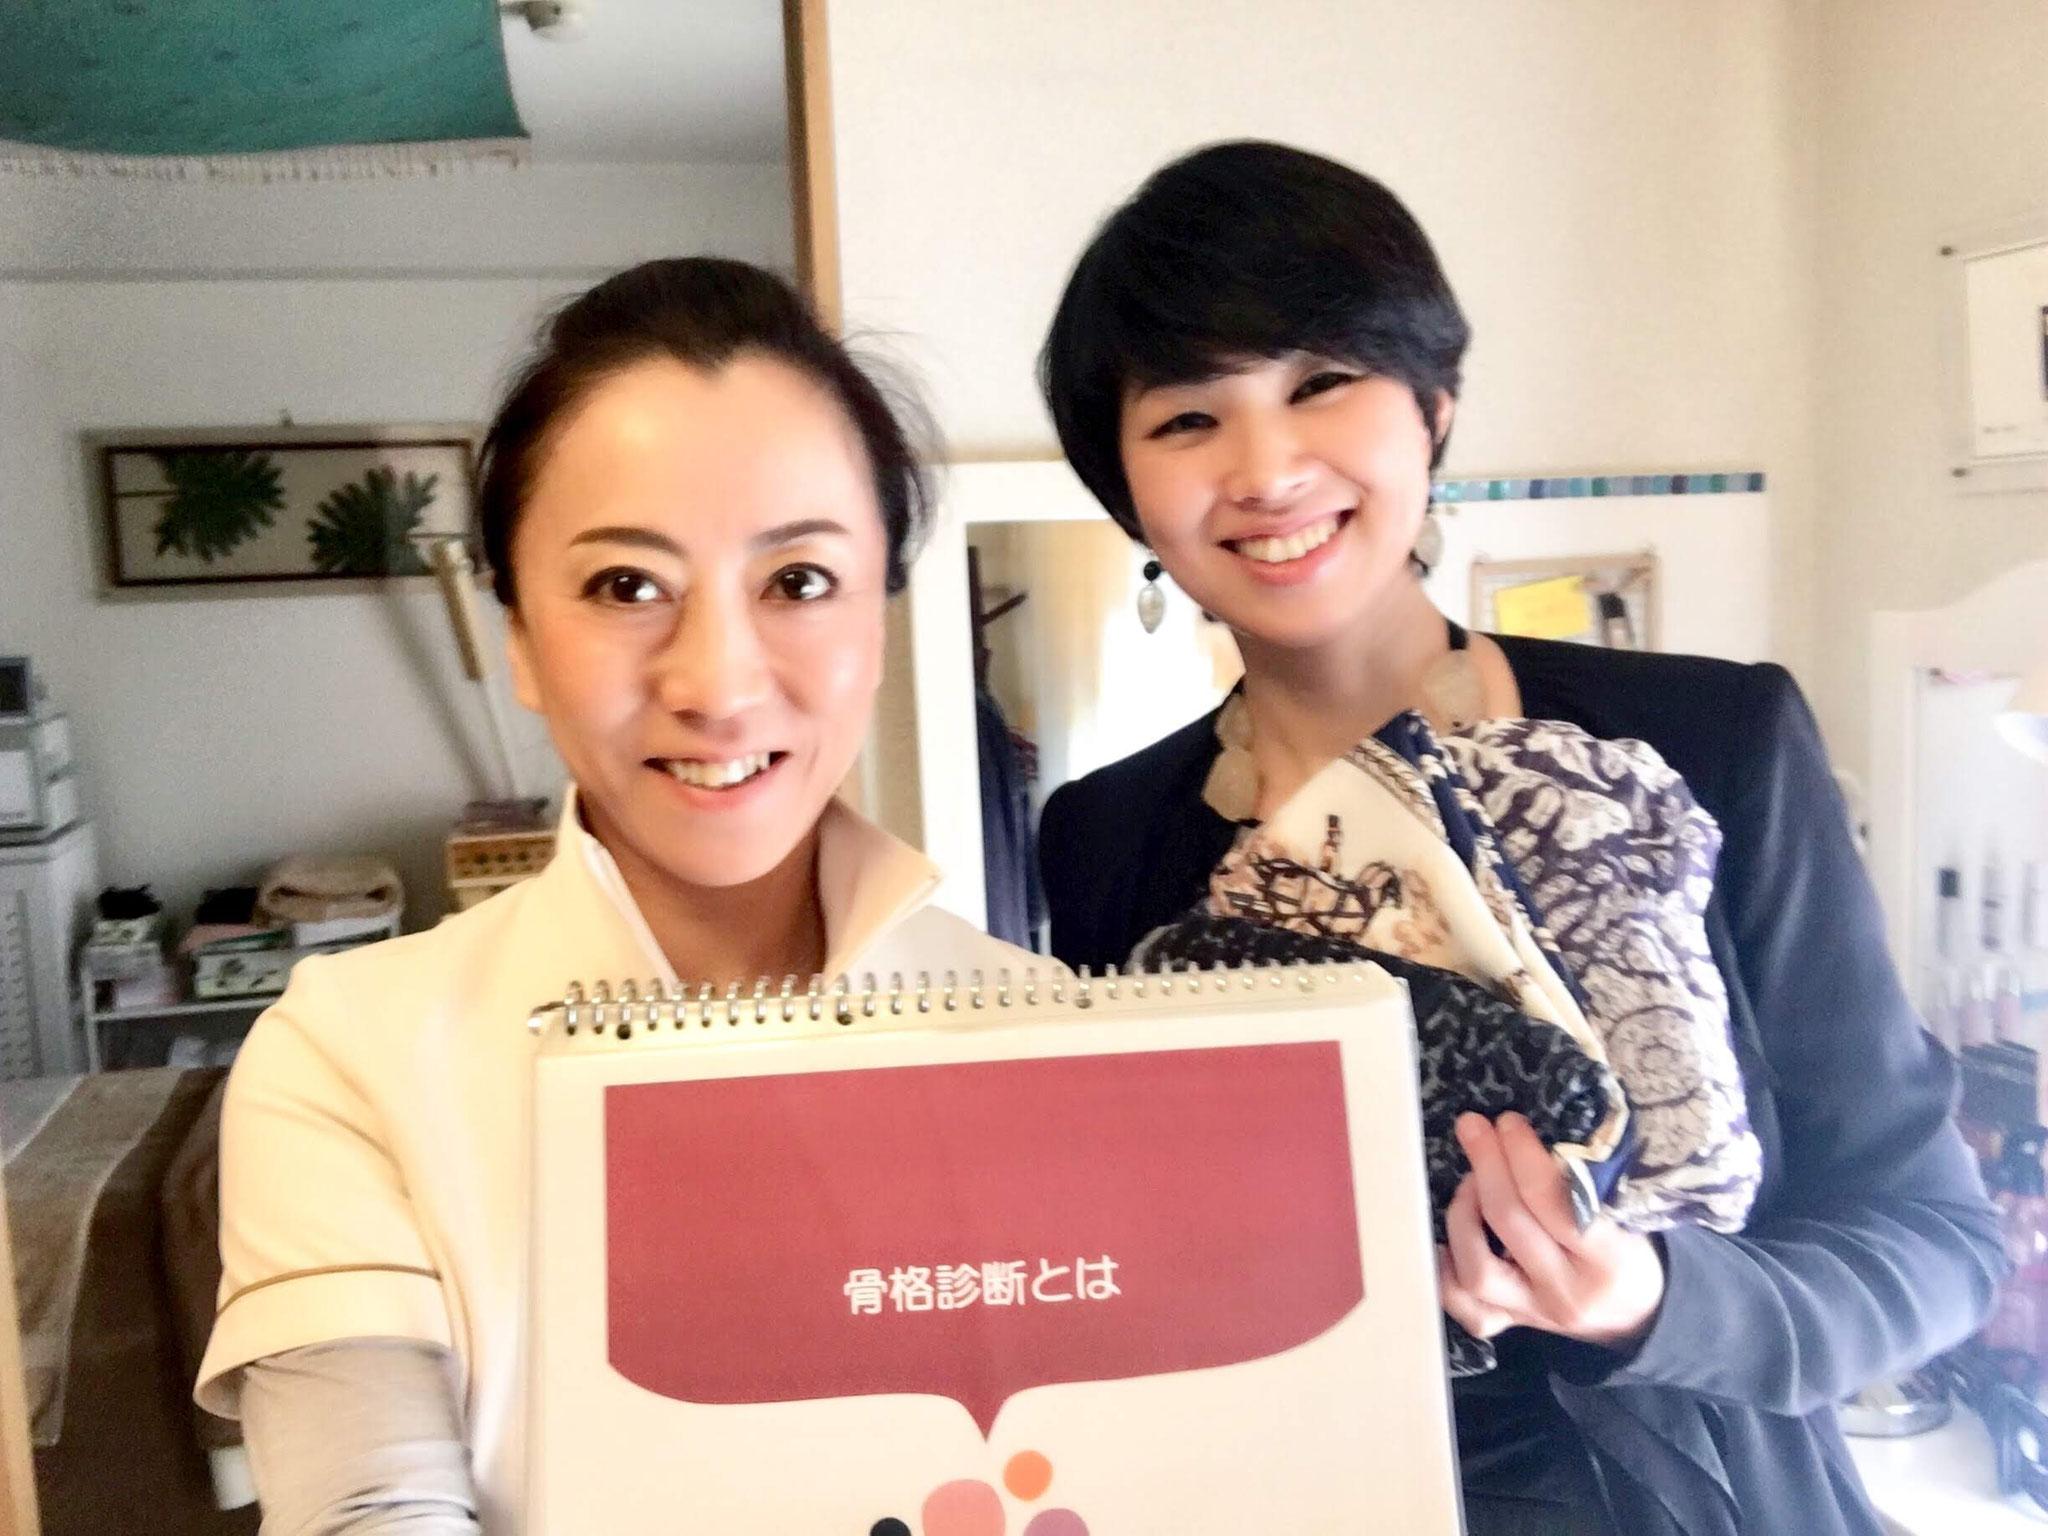 川合先生のアドバイスをきいたらお洋服選びも楽しくなりました!